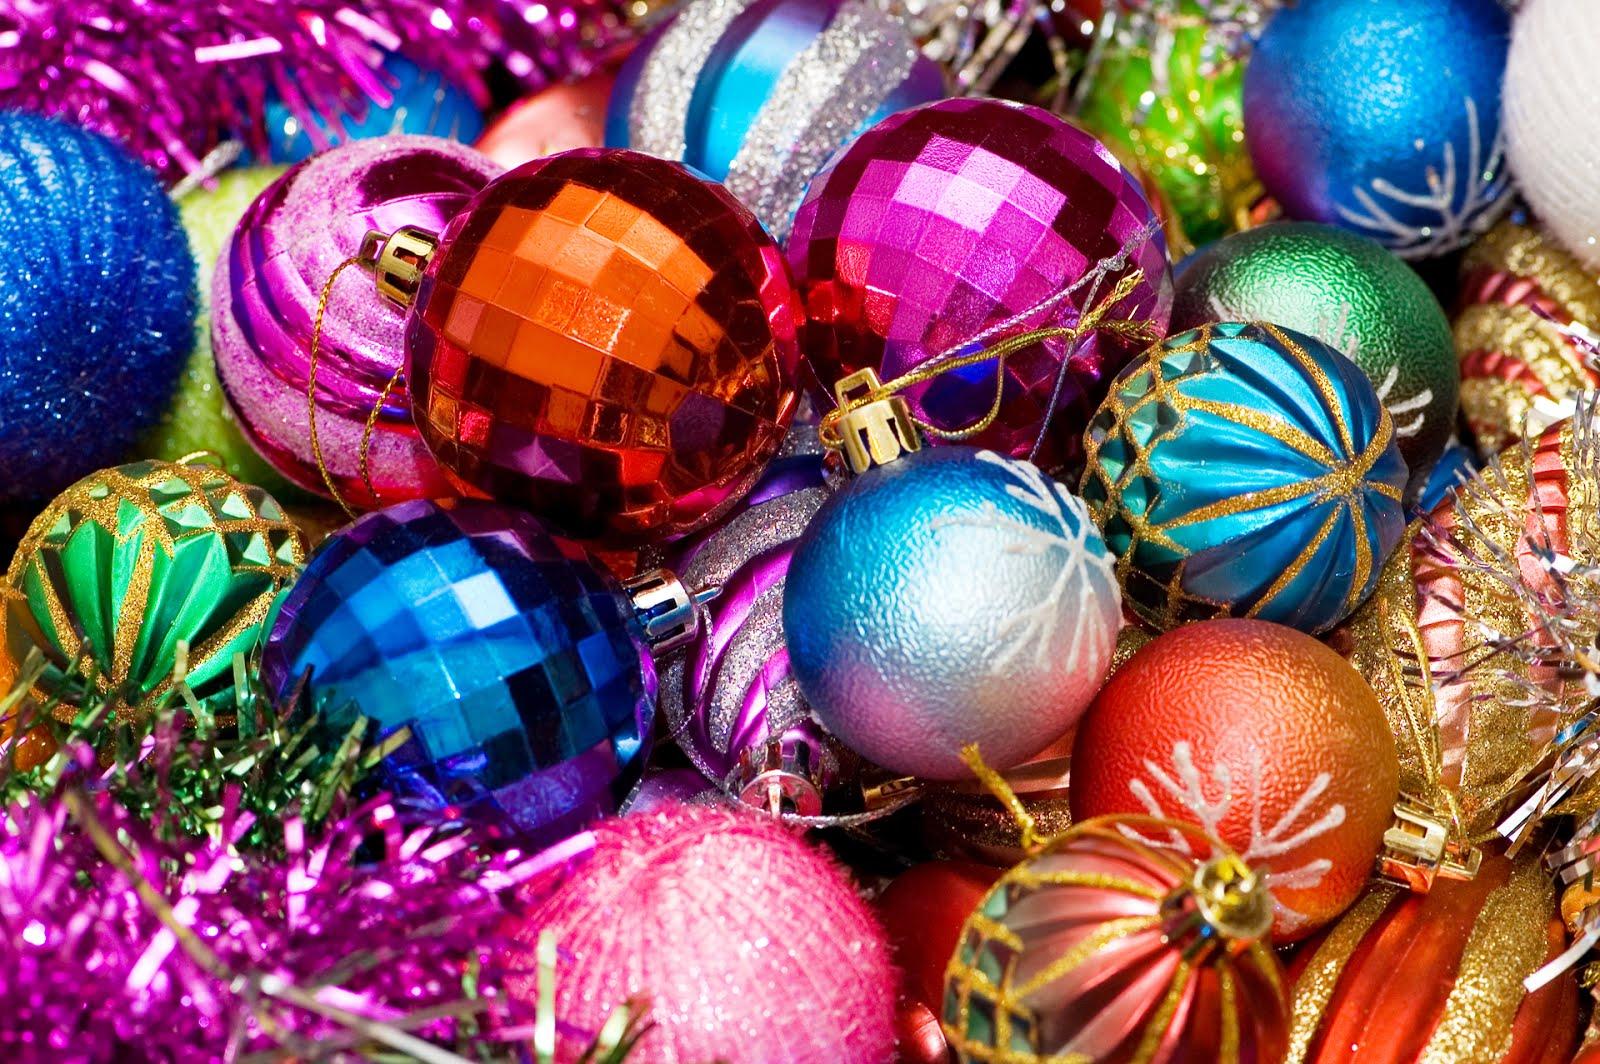 Esfera al parecer en un principio san bonifacio adorn e - Arbol de navidad colores ...